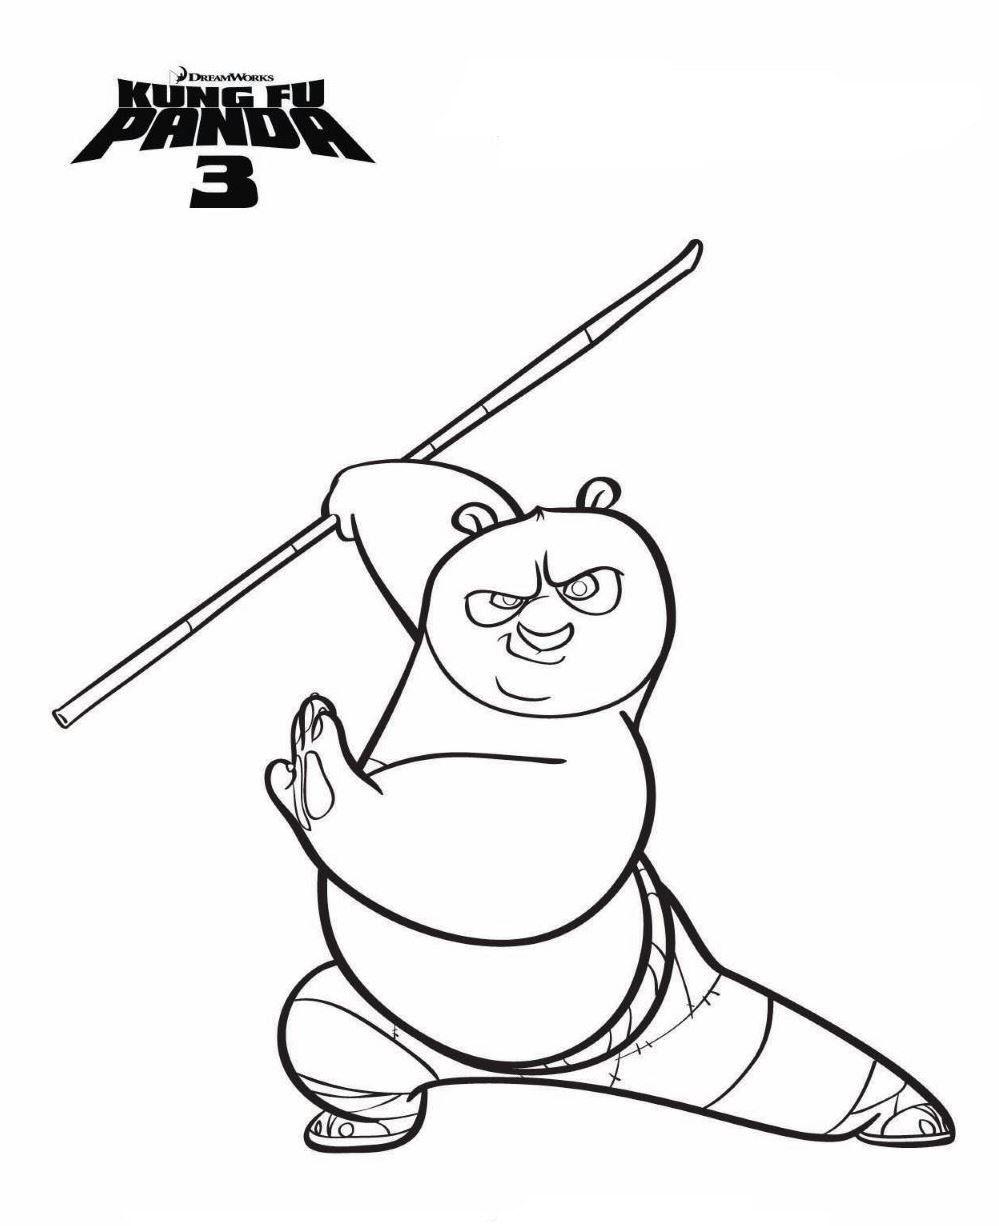 Myndaniðurstaða fyrir kung fu panda 3 coloring pages | okt | Pinterest